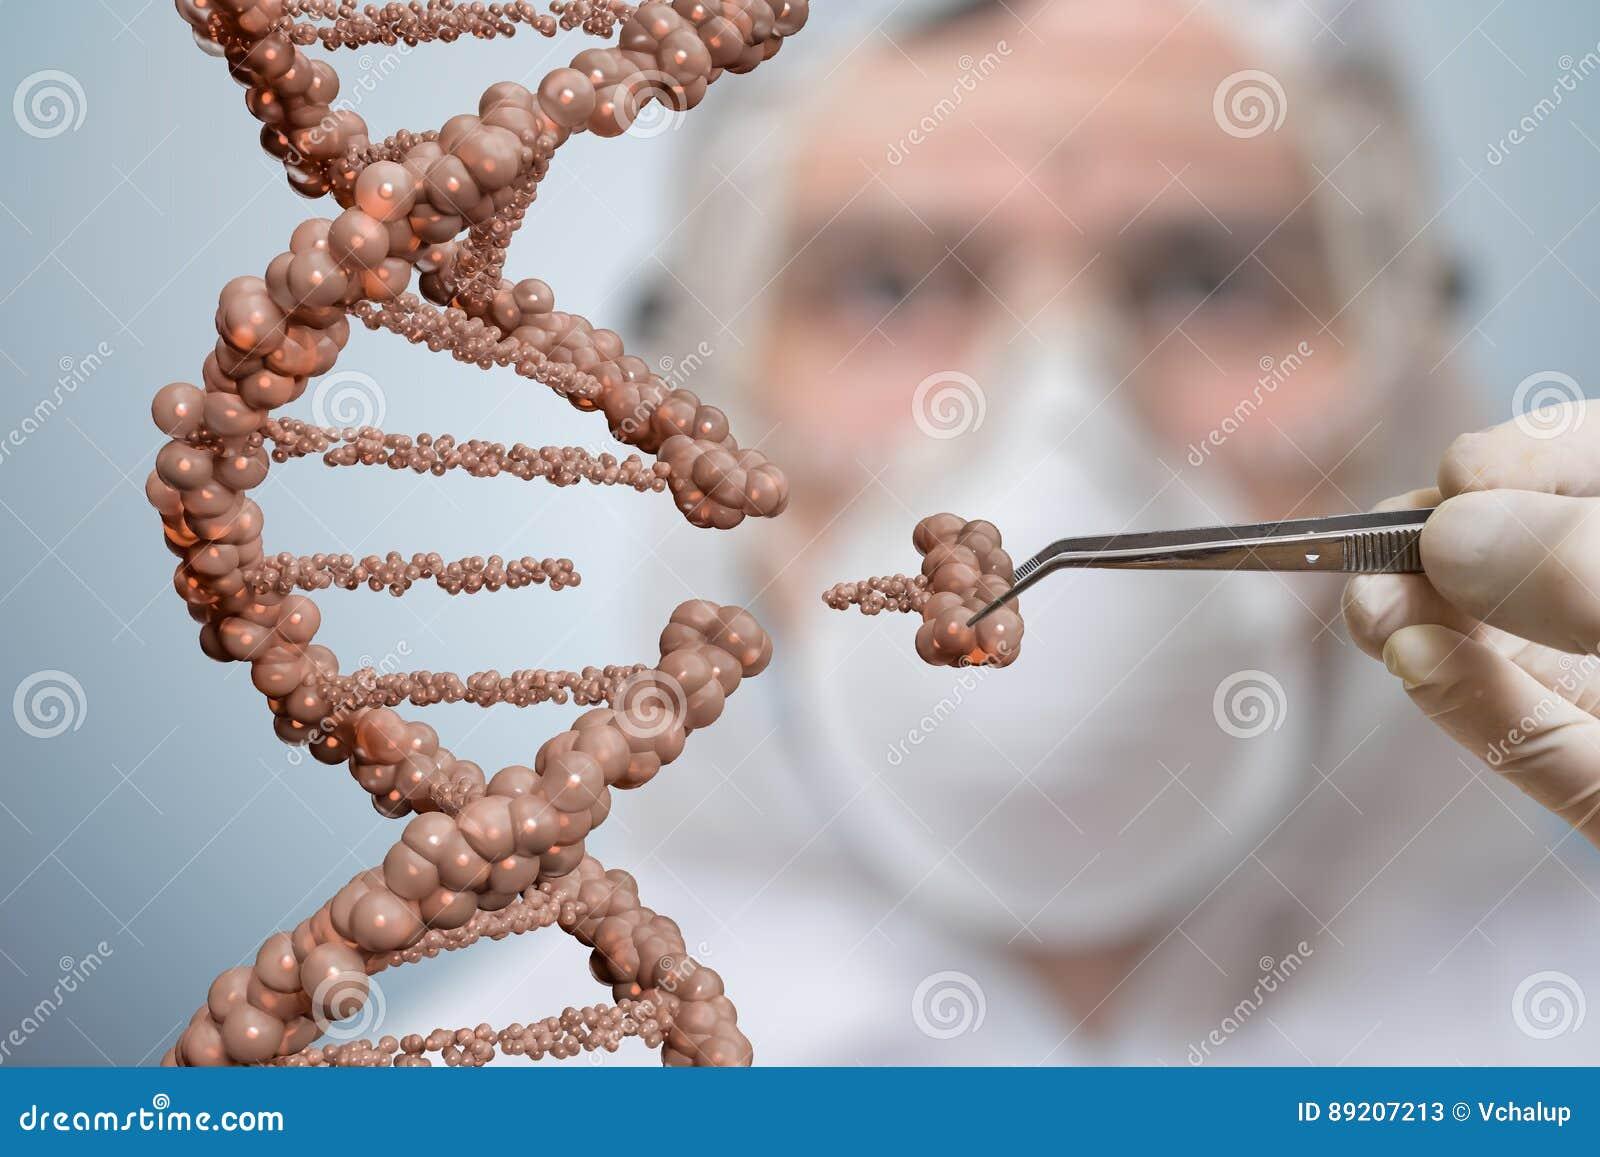 Ученый заменяет часть молекулы дна Концепция манипуляции генной инженерии и гена